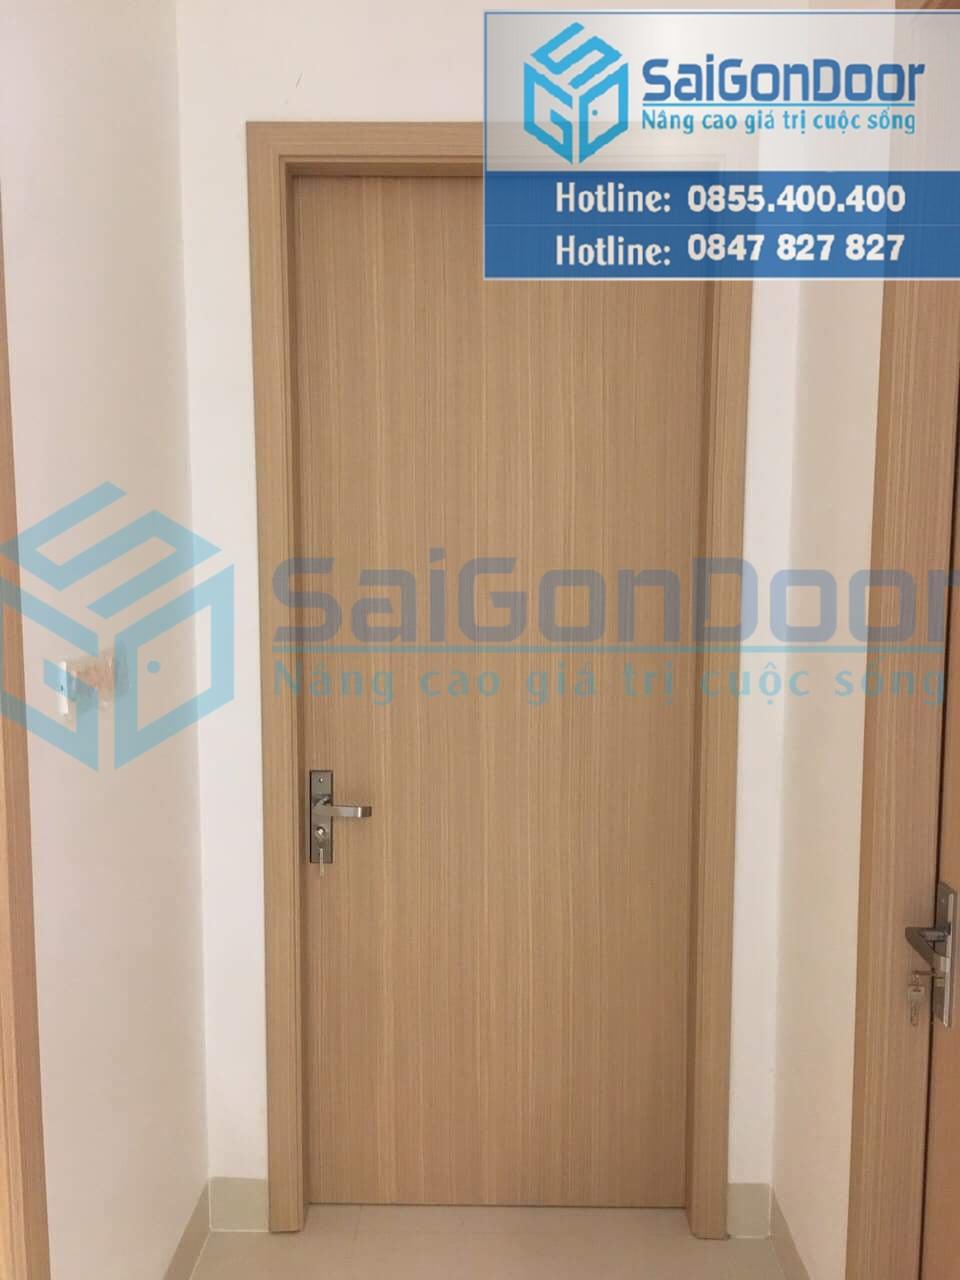 Cửa nhựa gỗ composite là loại cửa nội thất có nhiều ưu điểm và có tính ứng dụng cao